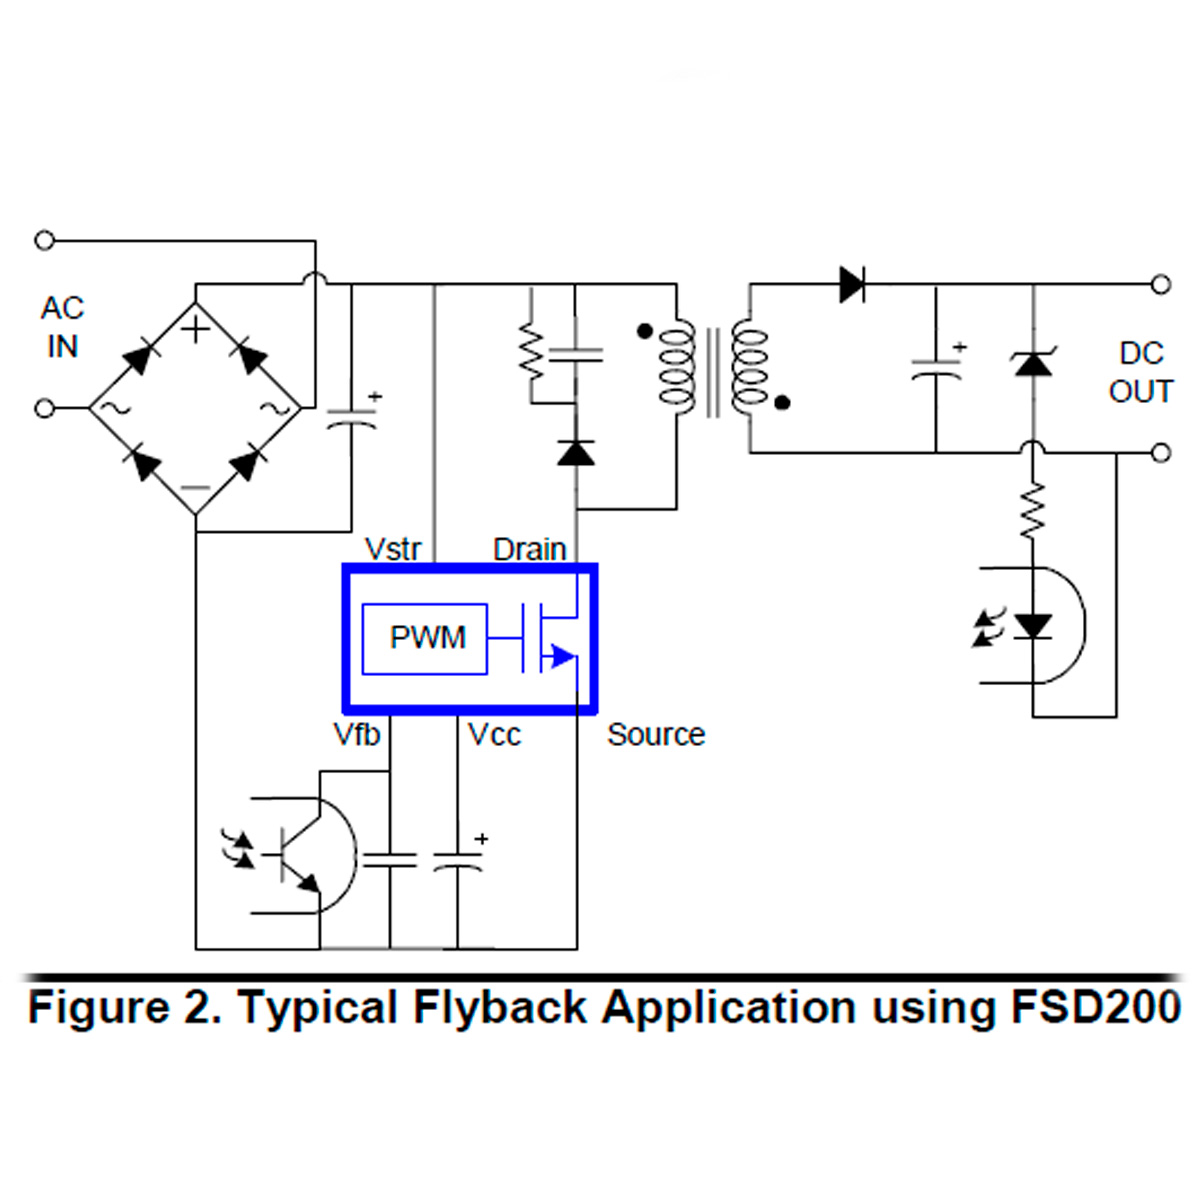 Circuito Integrado Simbolo : Circuito integrado fsd